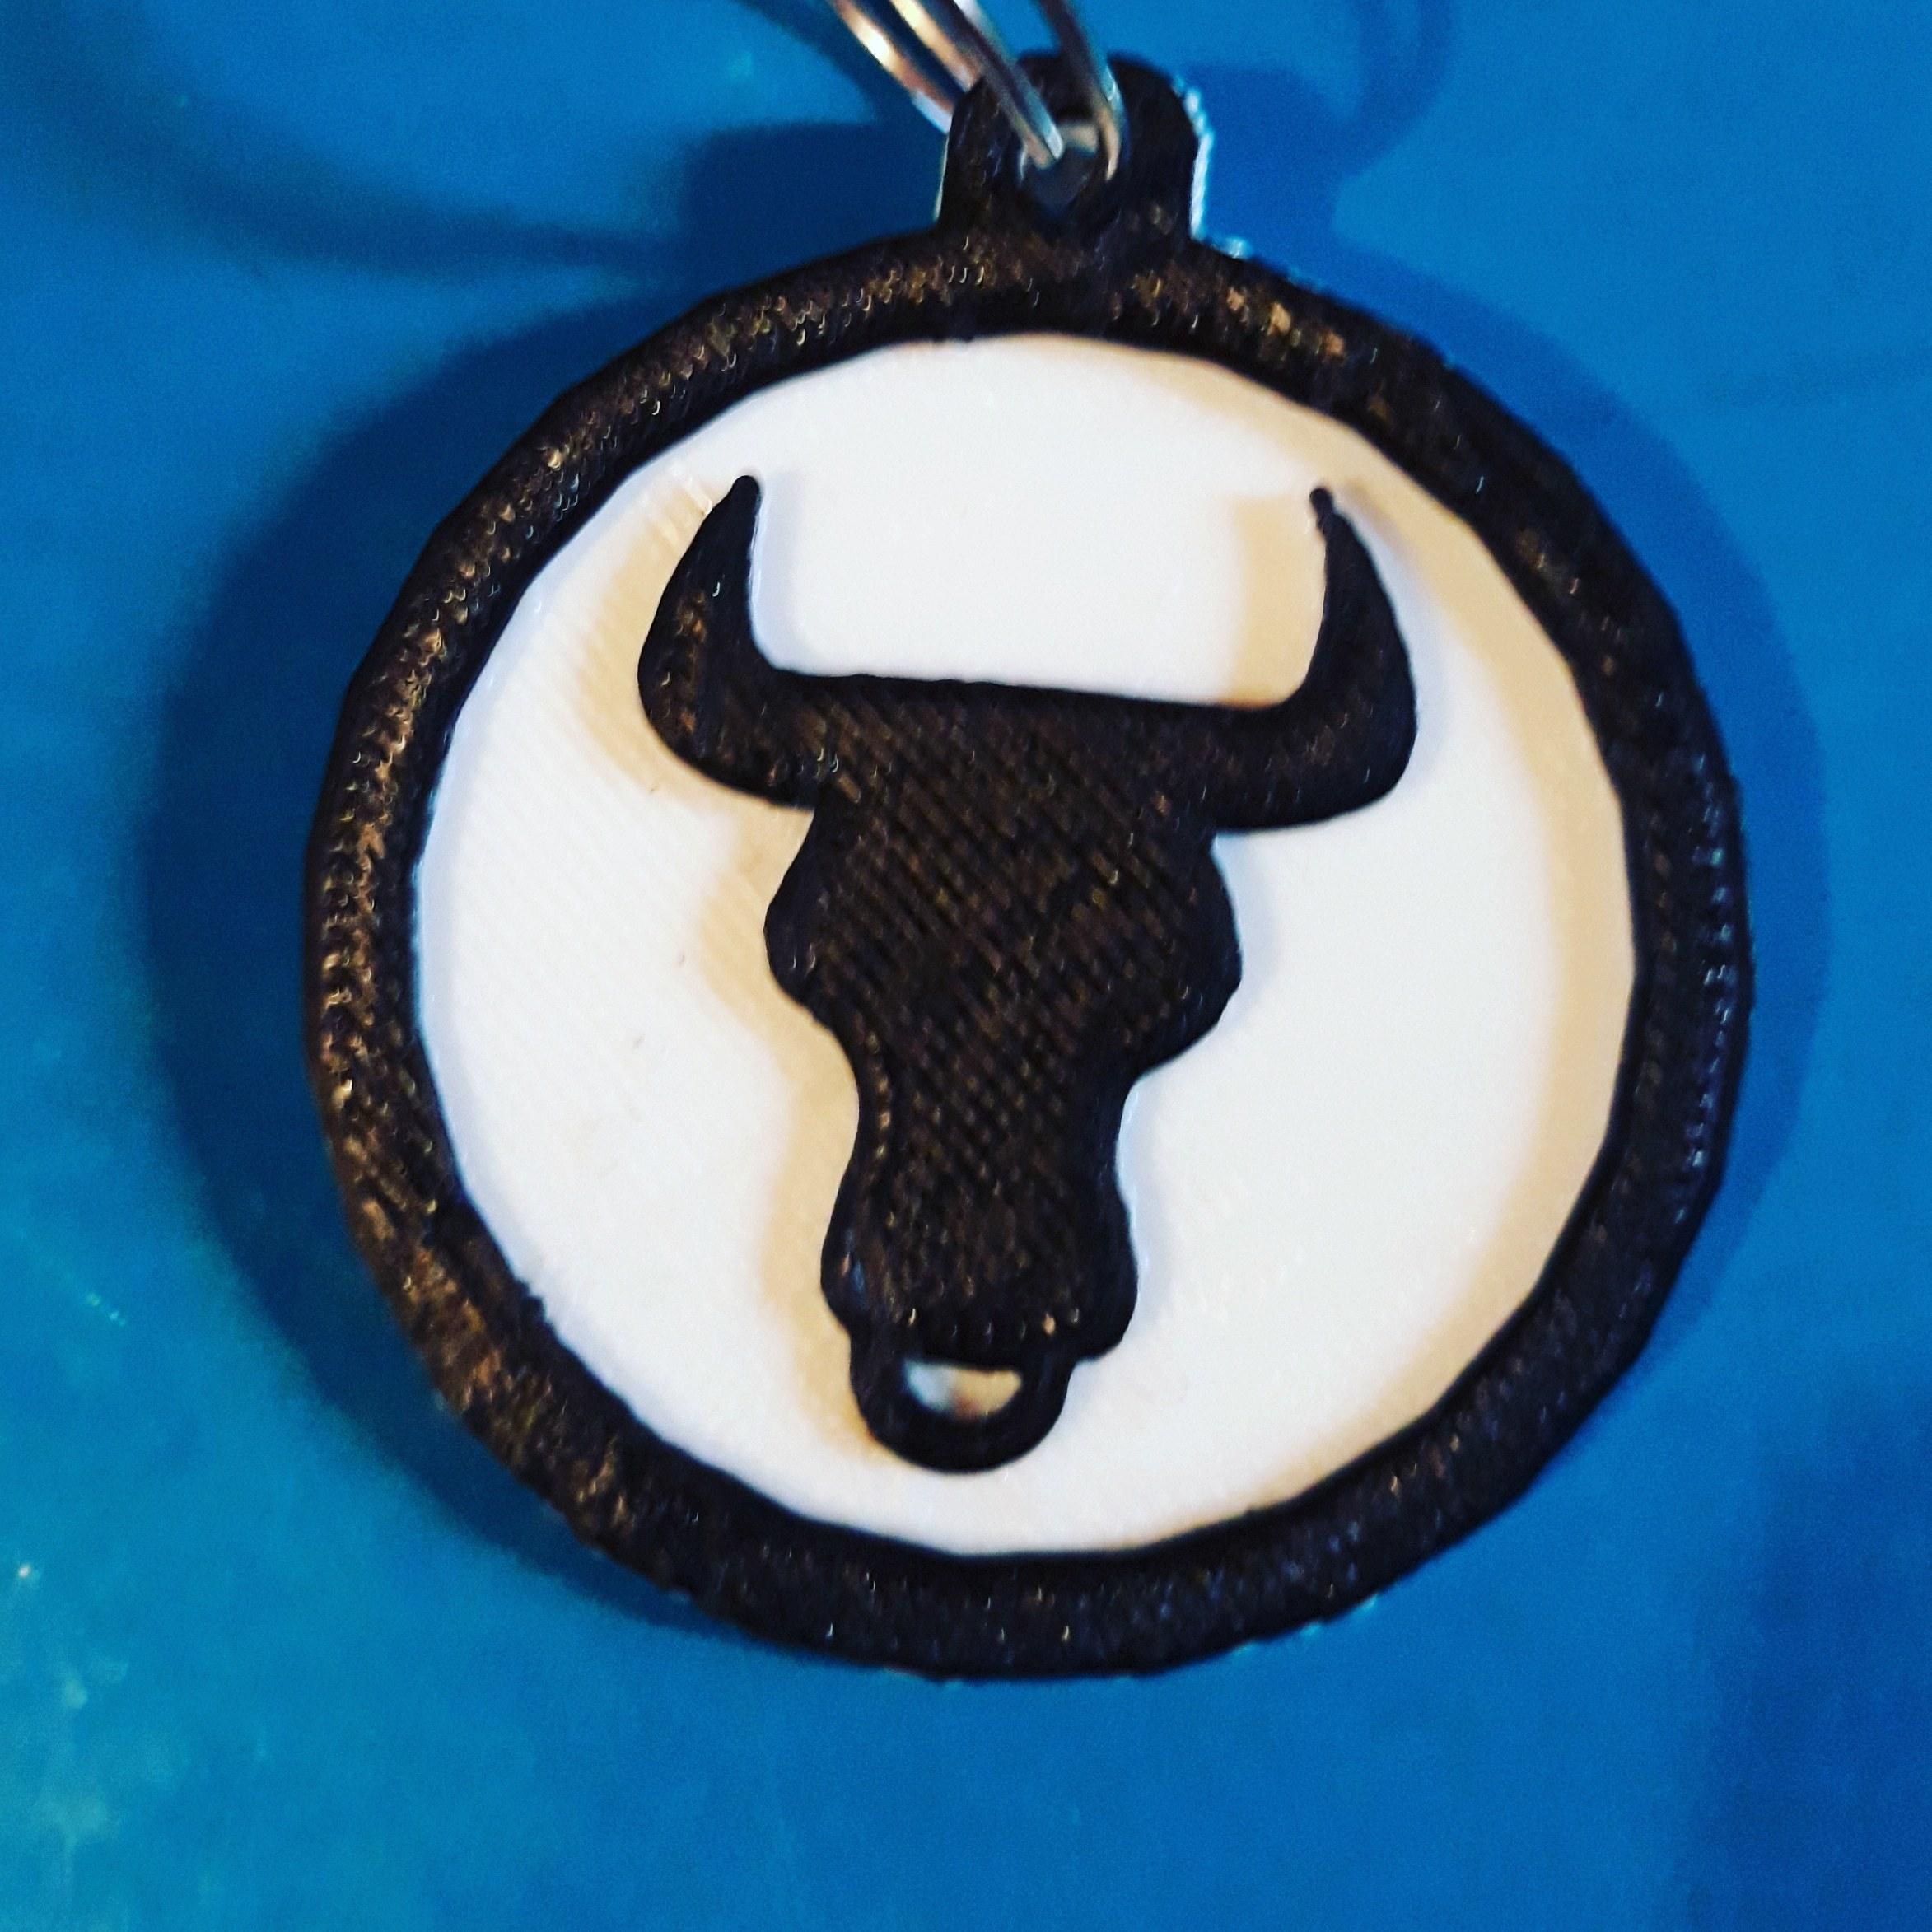 taurus keychain pic.jpg Télécharger fichier STL gratuit Porte-clés Taurus • Plan pour imprimante 3D, M3DPrint